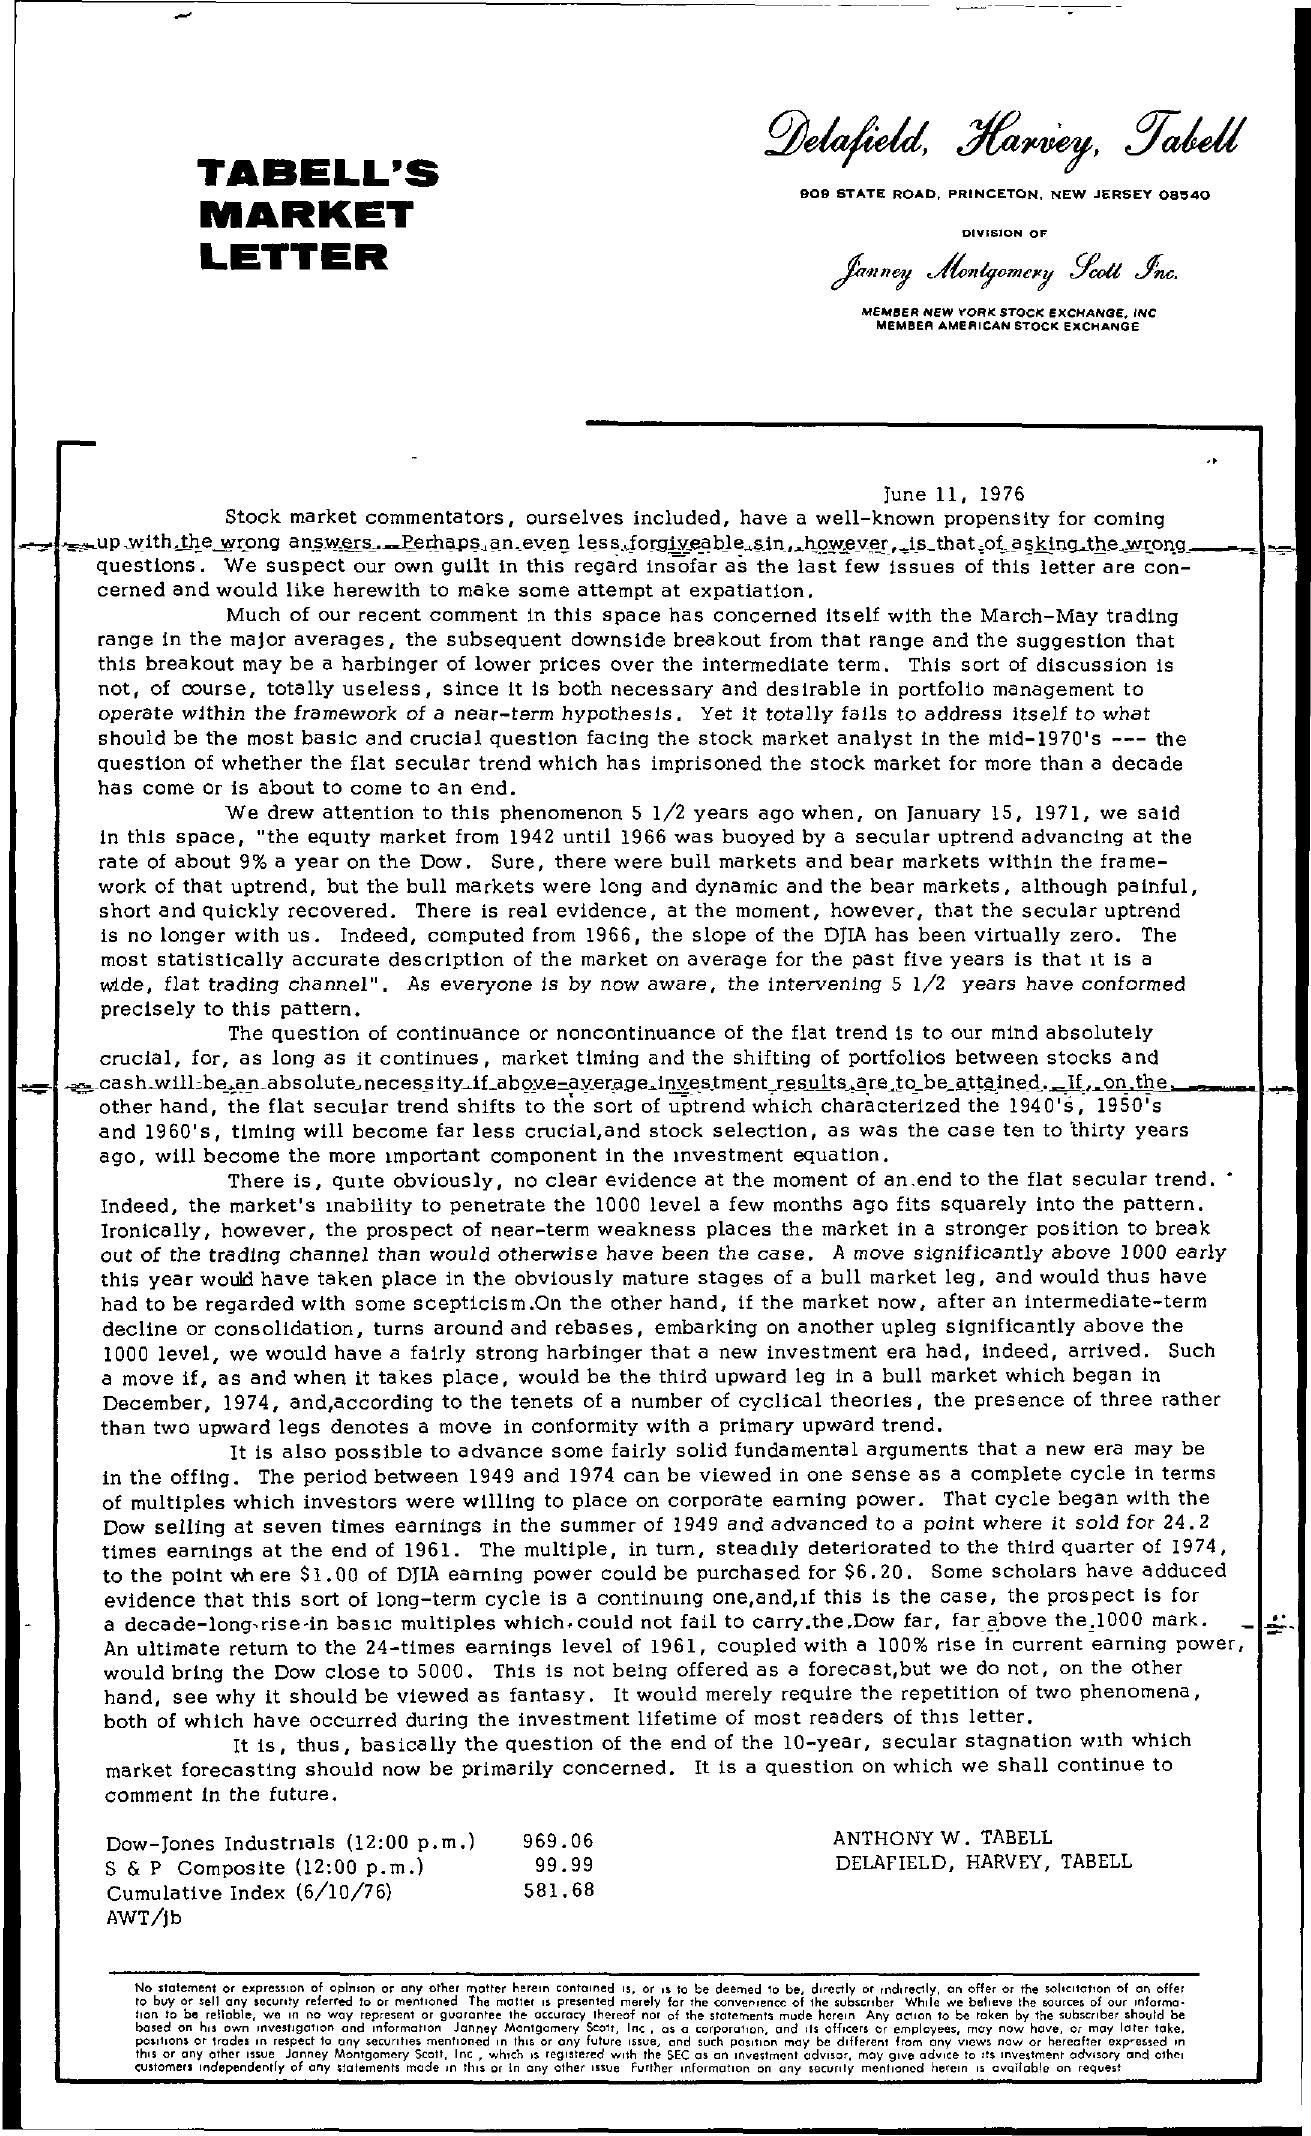 Tabell's Market Letter - June 11, 1976